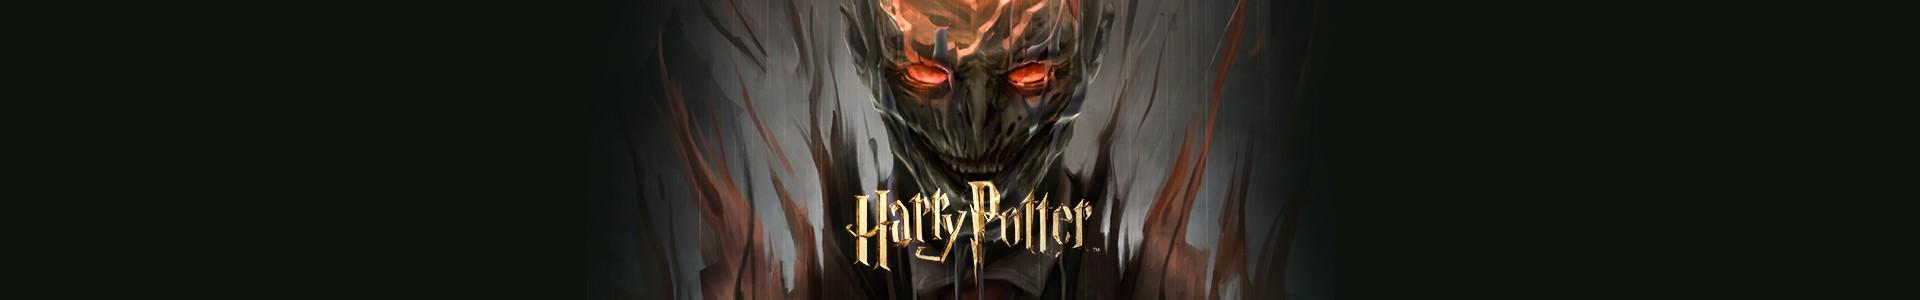 7 Pôsteres assustadores de Harry Potter de terror ilustrados